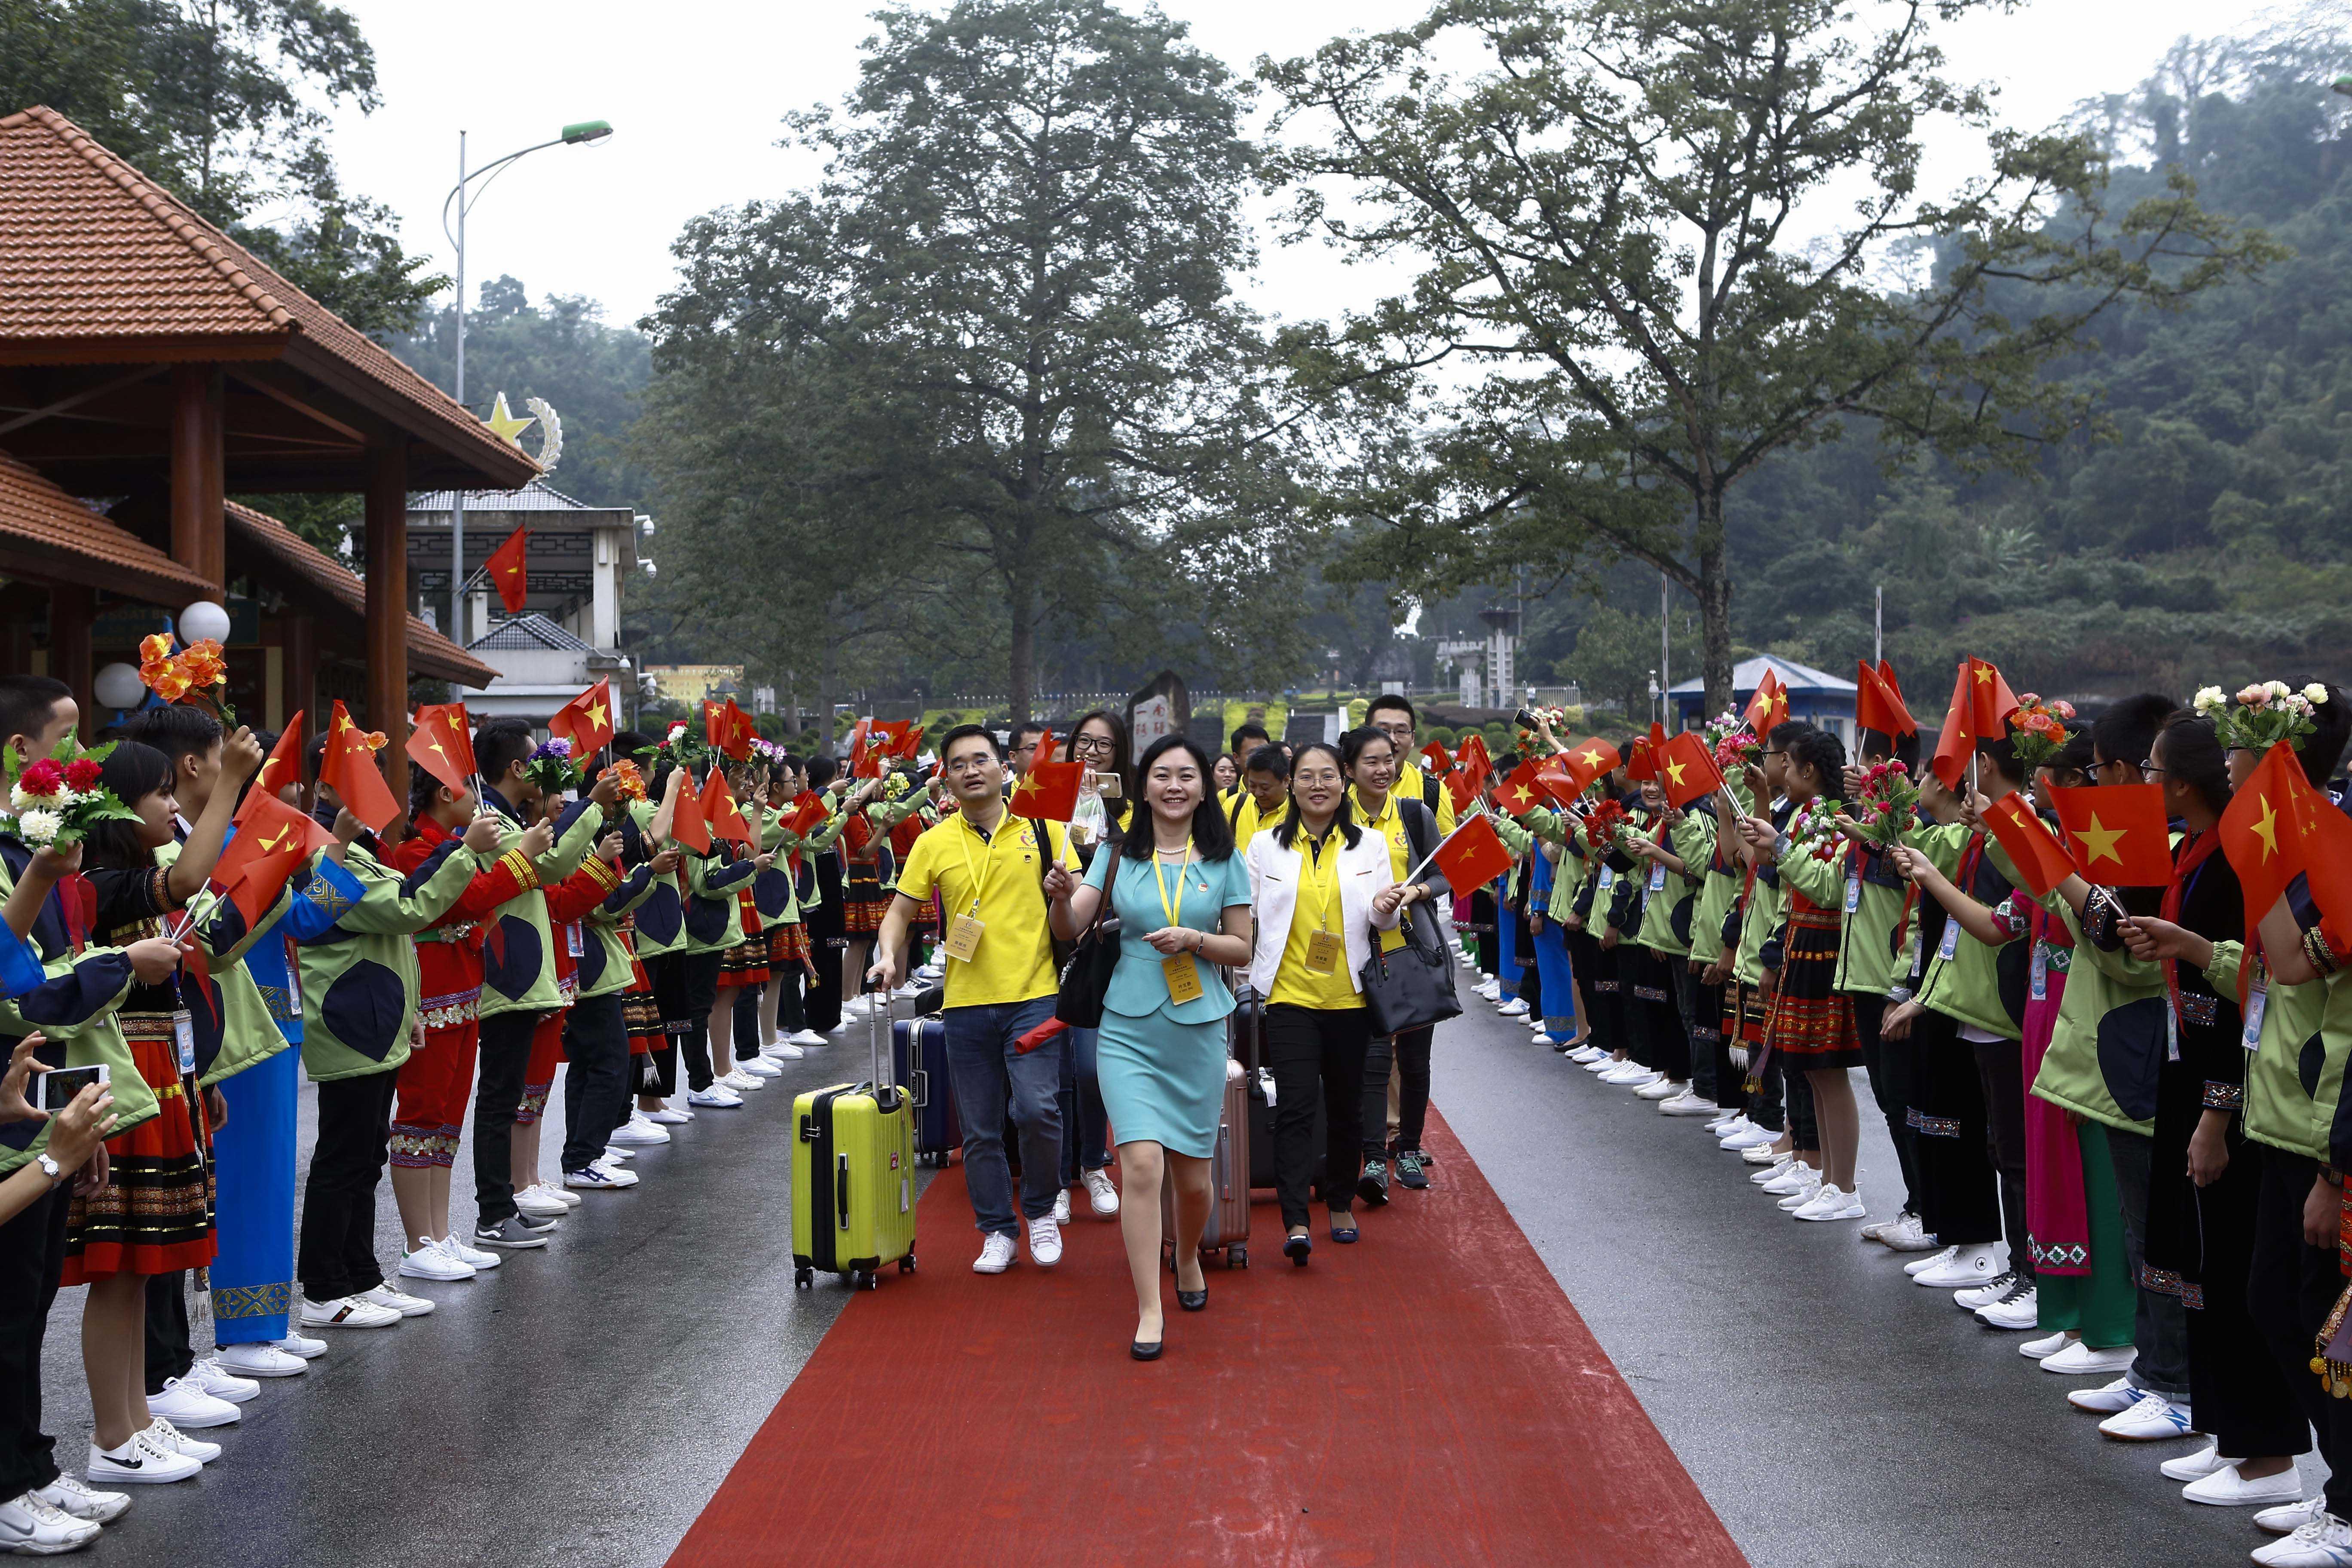 03241 - Khởi động Liên hoan Thanh niên Việt Nam - Trung Quốc lần thứ III